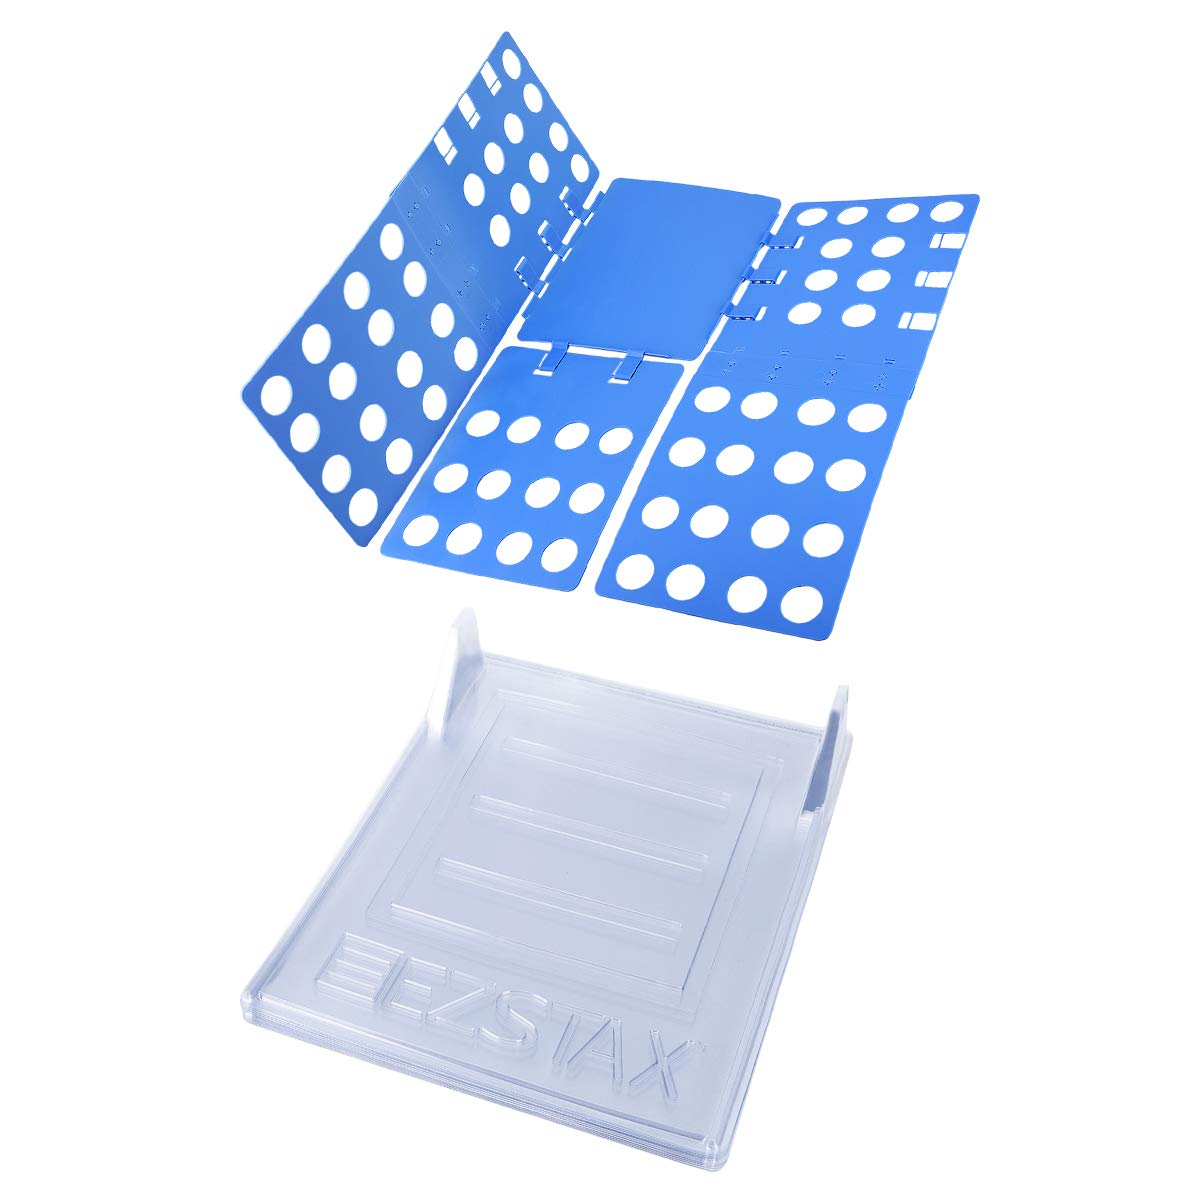 LegendTech Tabla Plegable de Ropa Y Herramienta de Almacenamiento de Ropa Grupos Contiene 1 Azul Ajustable Plegable y 10 Closet Sistema de Organización de Ropa Usos Múltiples para Pantalones Camiseta Suéter Plegado Rápido Organización Prolija